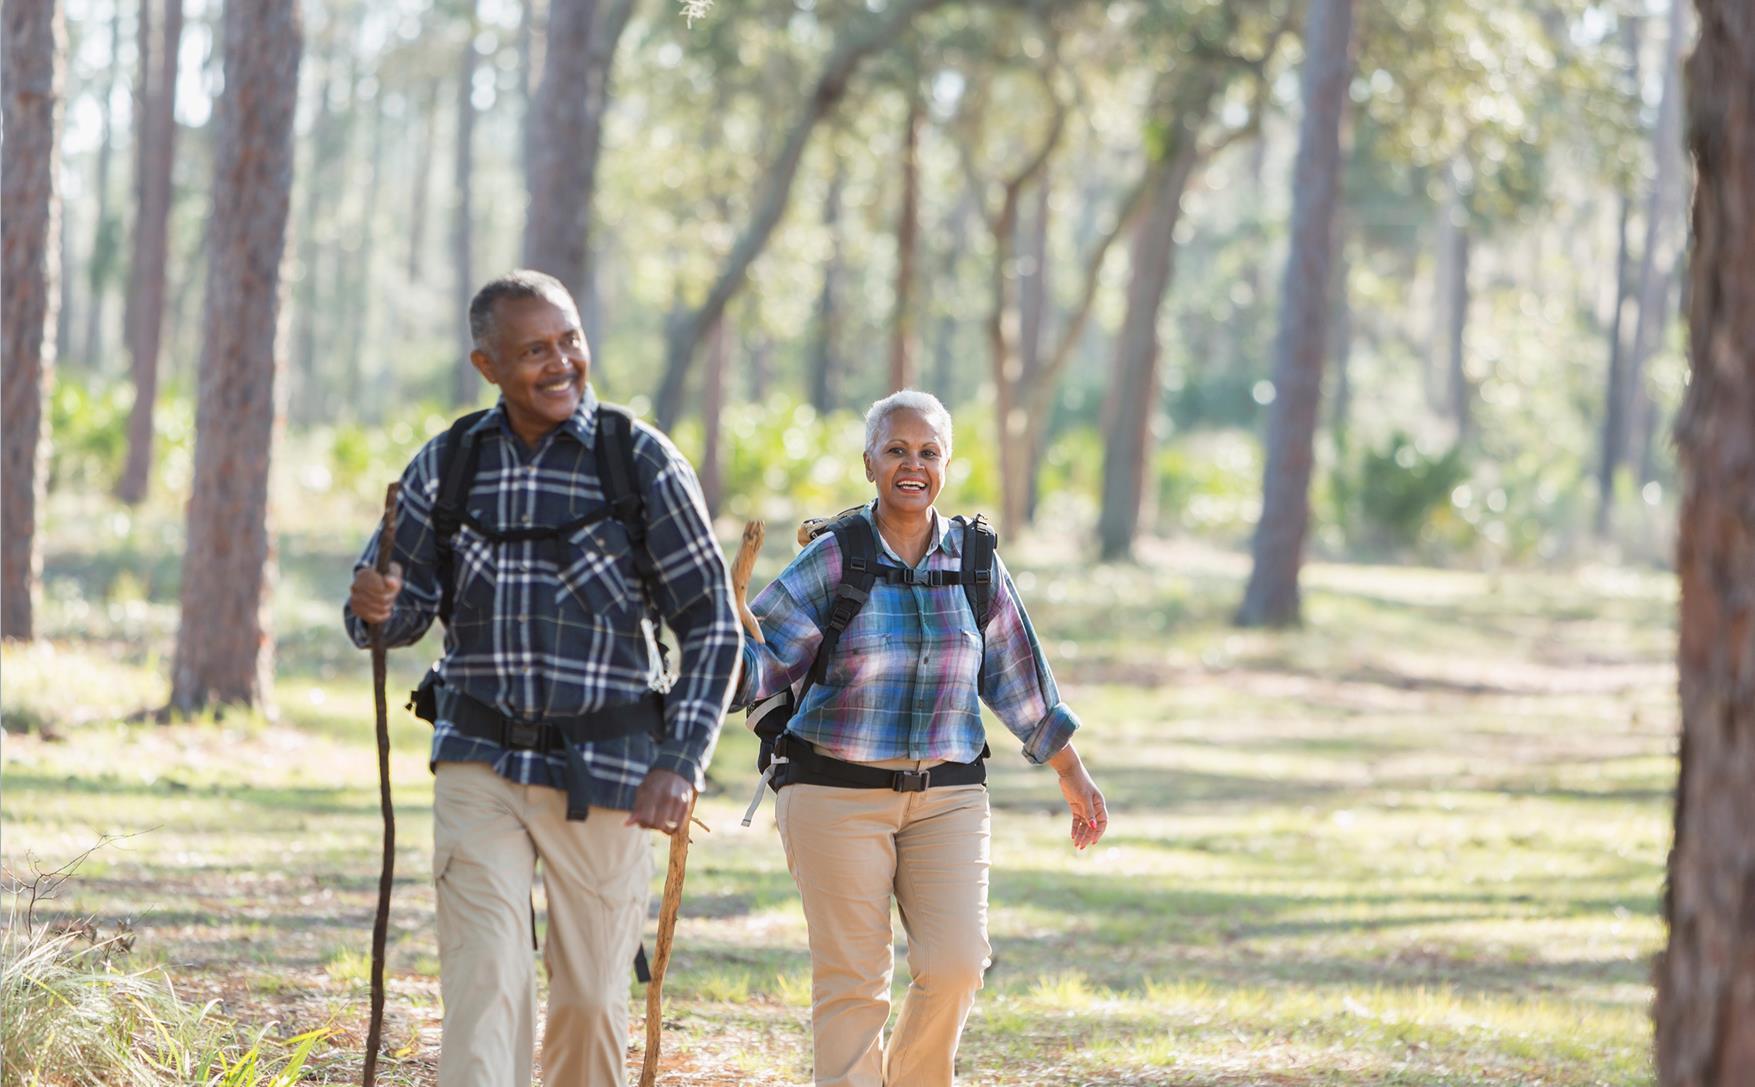 Walk Yourself Young with Longevity Walking